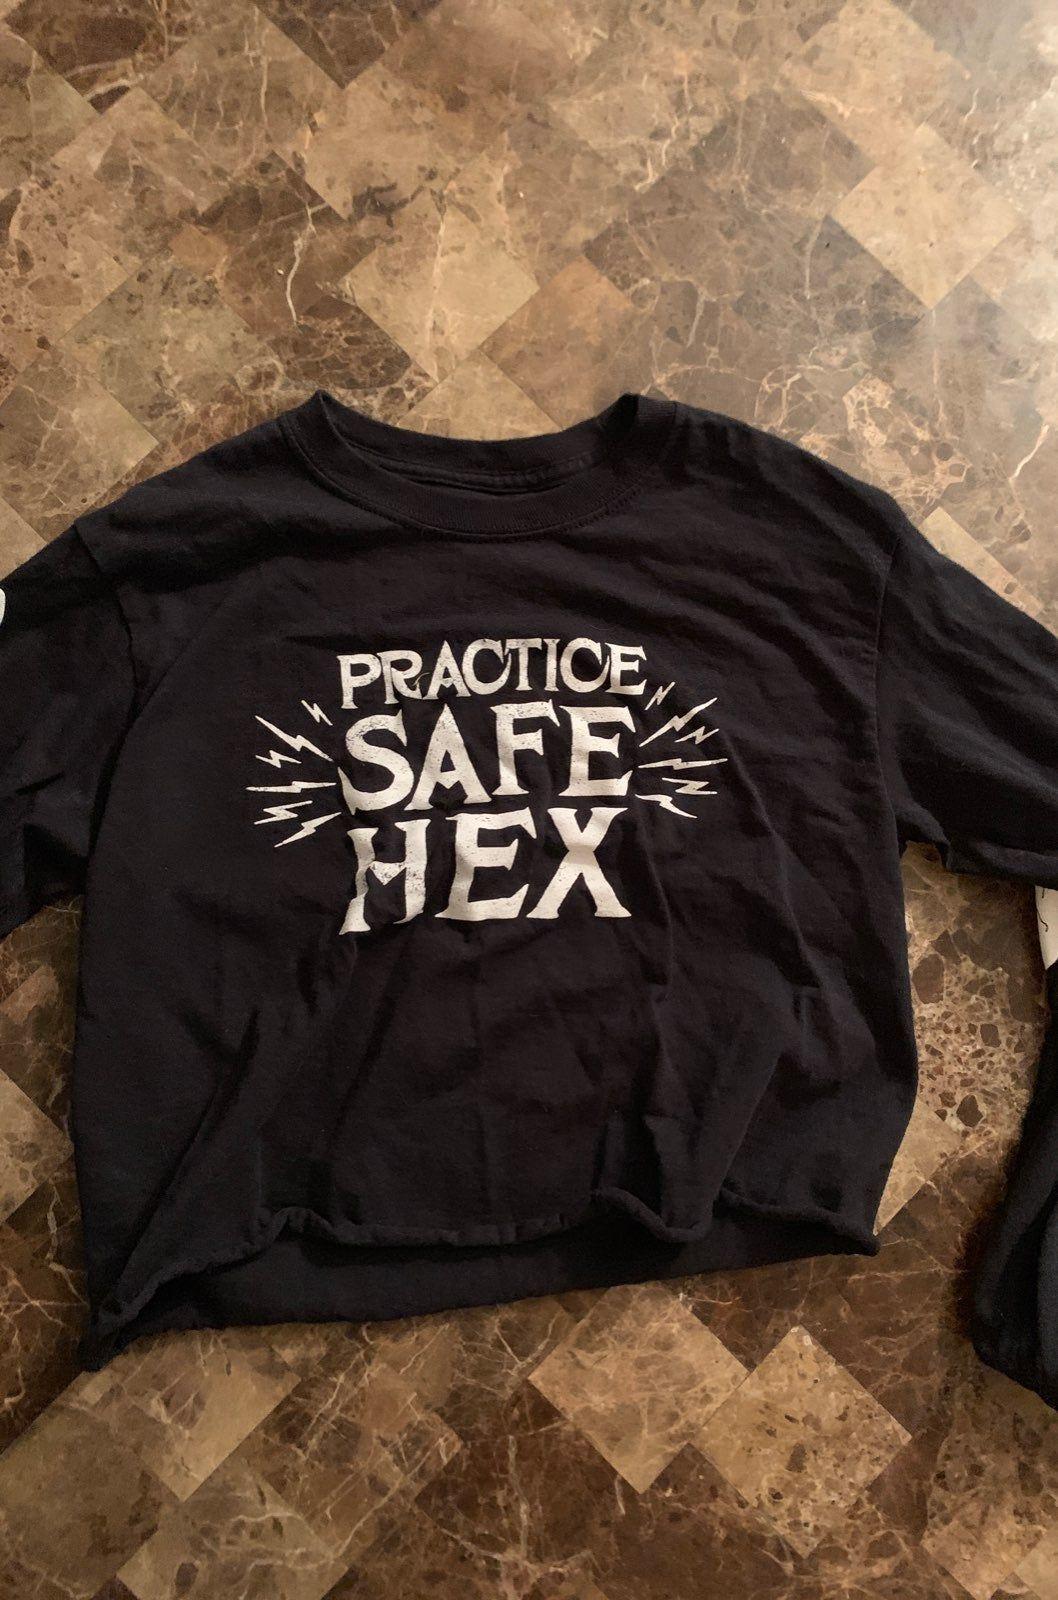 Practice Safe Hex Crop Top. Small Crop tops, Tops, Shirts